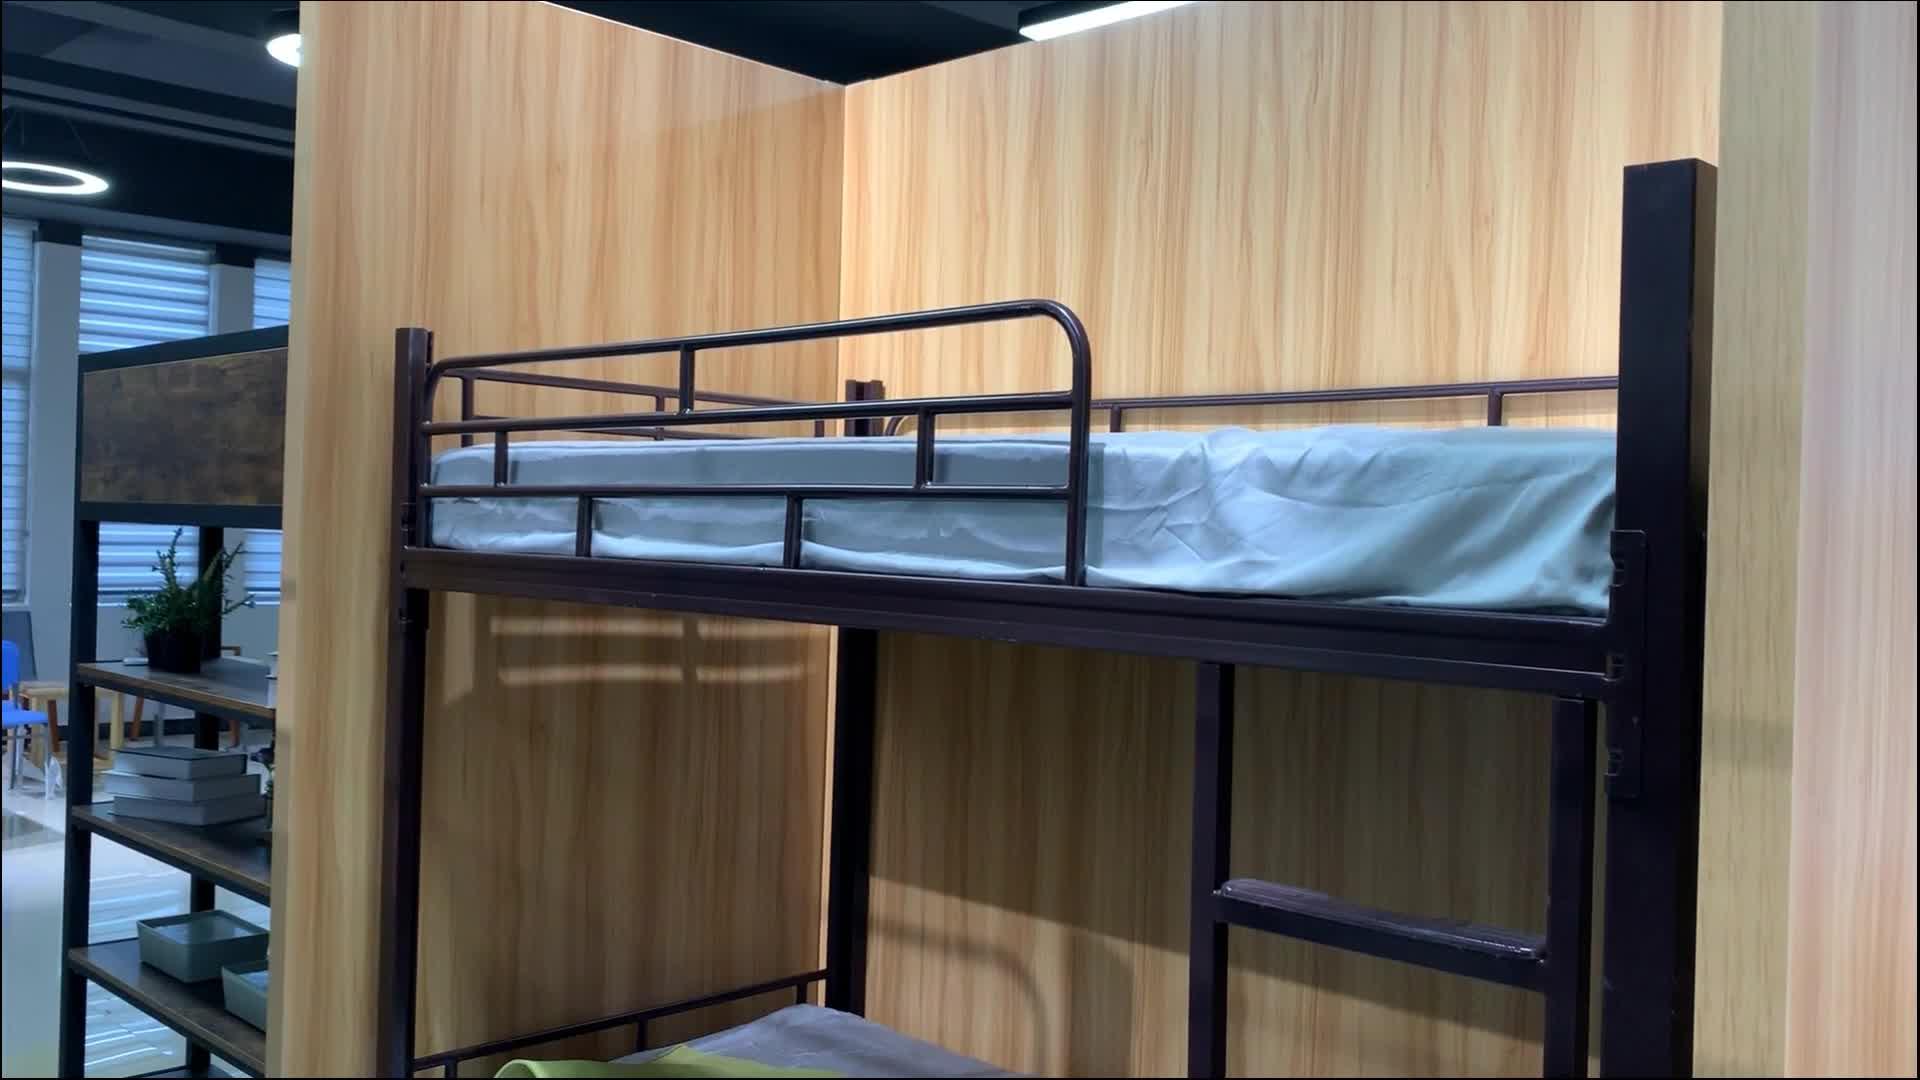 वयस्कों के लिए सैन्य सेना भारी शुल्क इस्पात चारपाई बिस्तर कीमतों, छात्रों धातु फ्रेम लोहे स्टील अपार्टमेंट जुड़वां डबल चारपाई बिस्तर